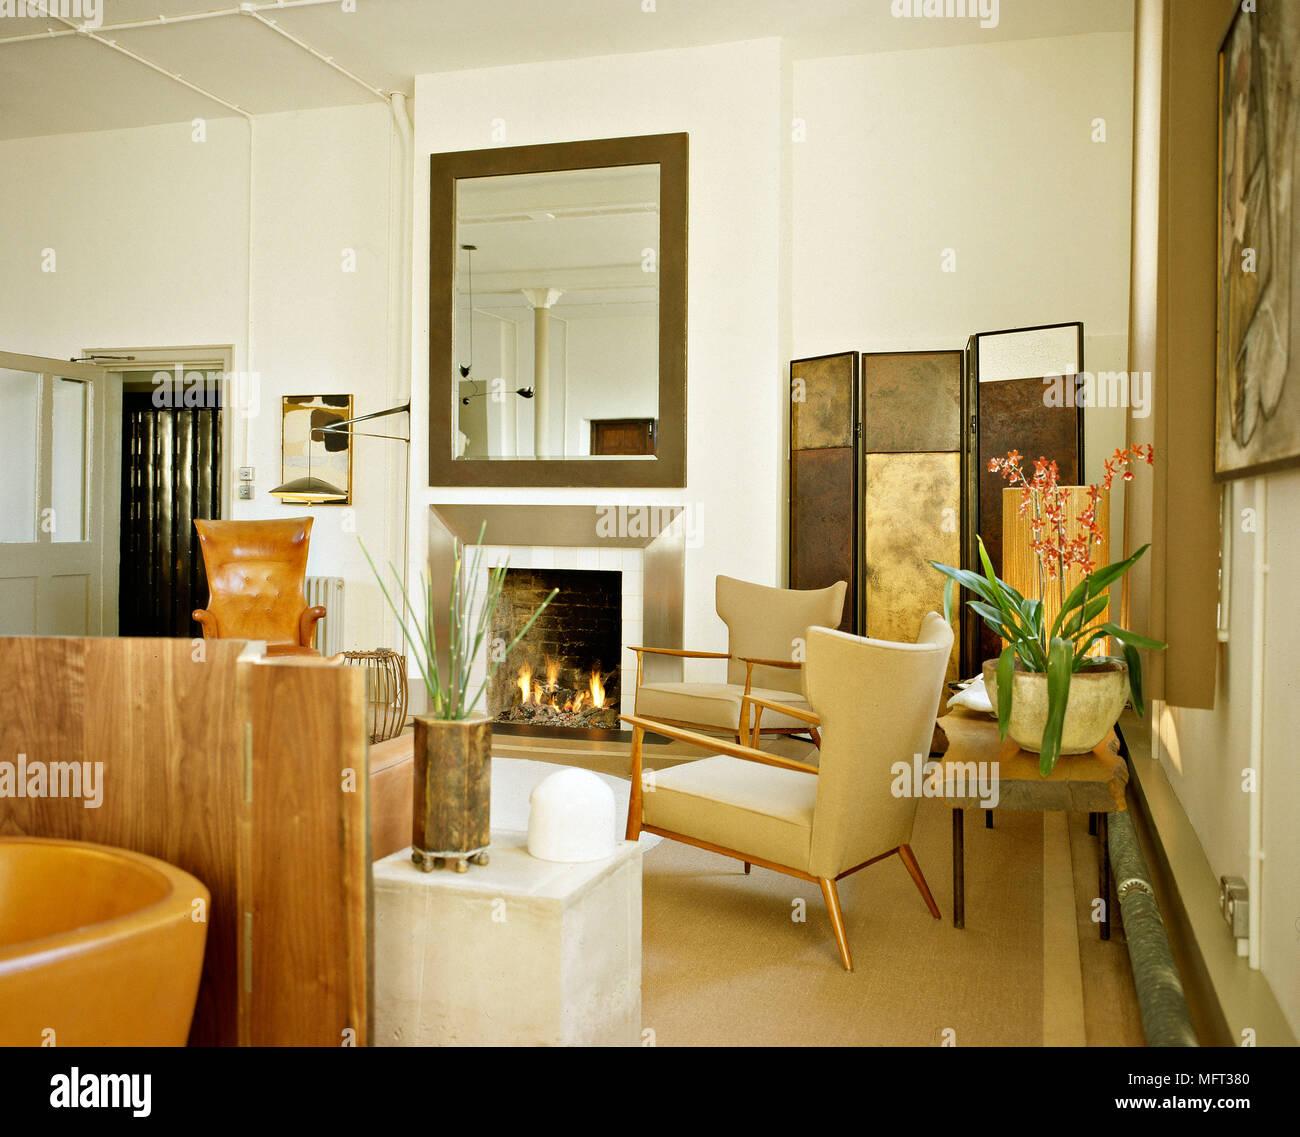 Moderne Wohnzimmer Kamin Angezundet Feuer Metall Surround Braune